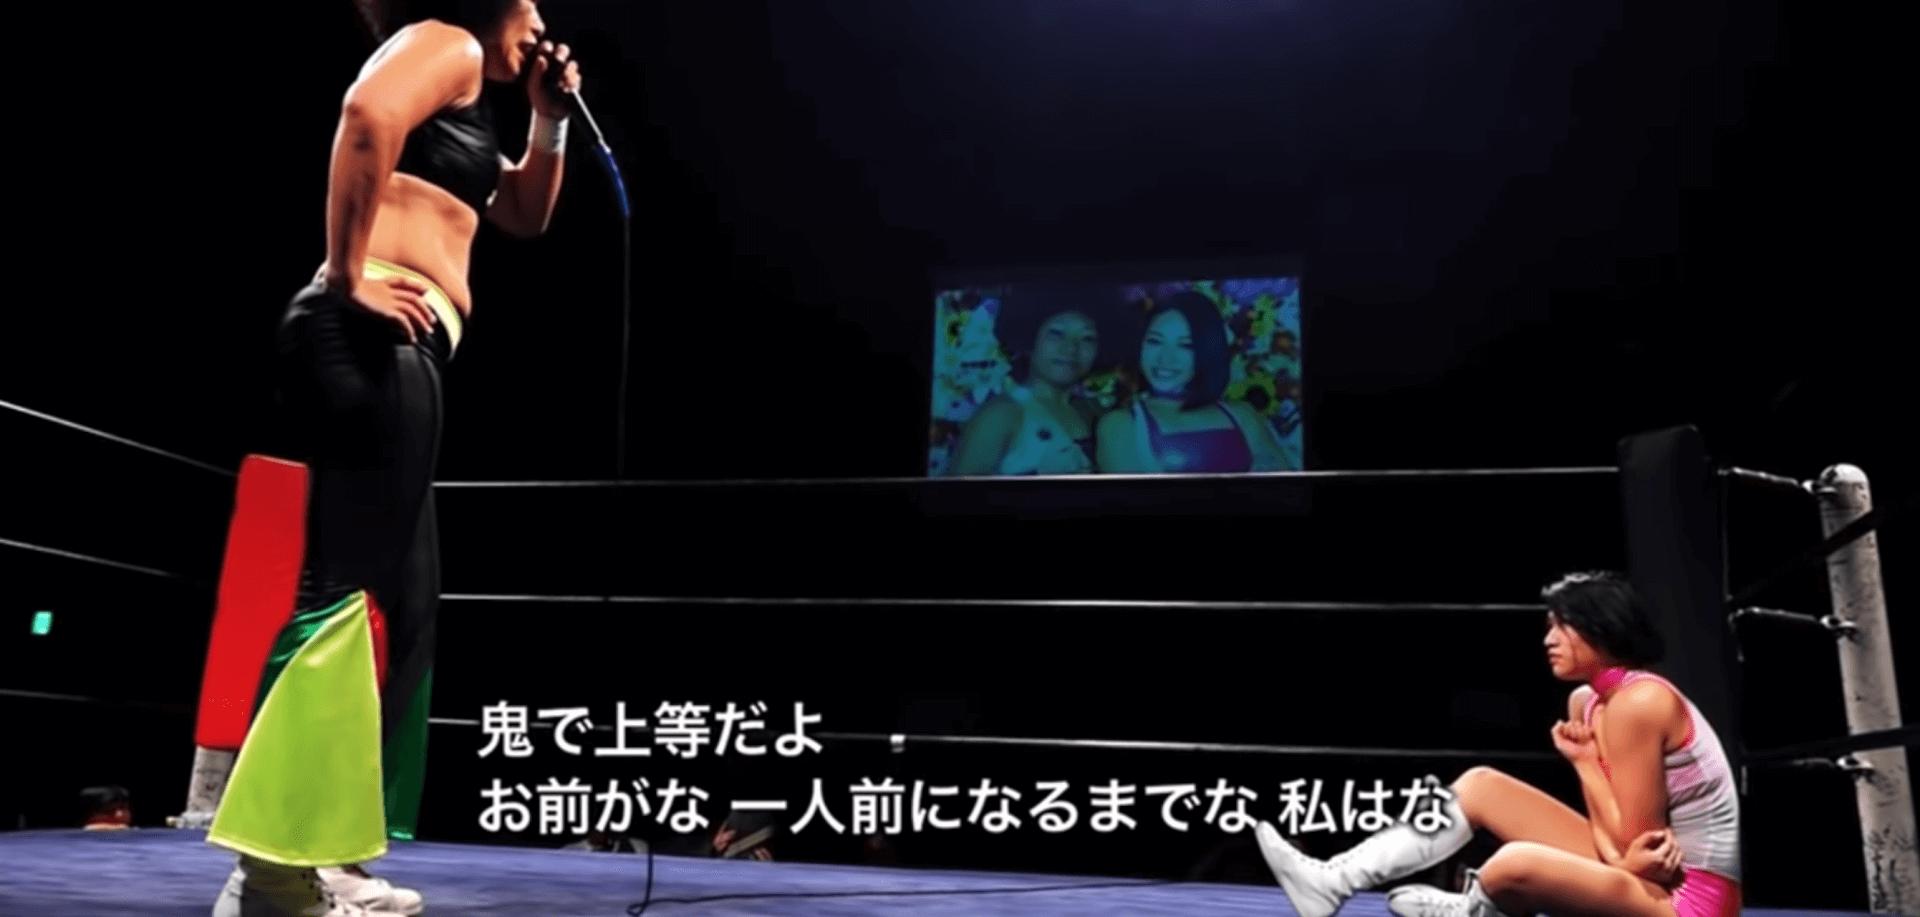 木村花/華麗に、そしてダイナミックに咲き誇るファンキーガール 200604_kimurahana_04